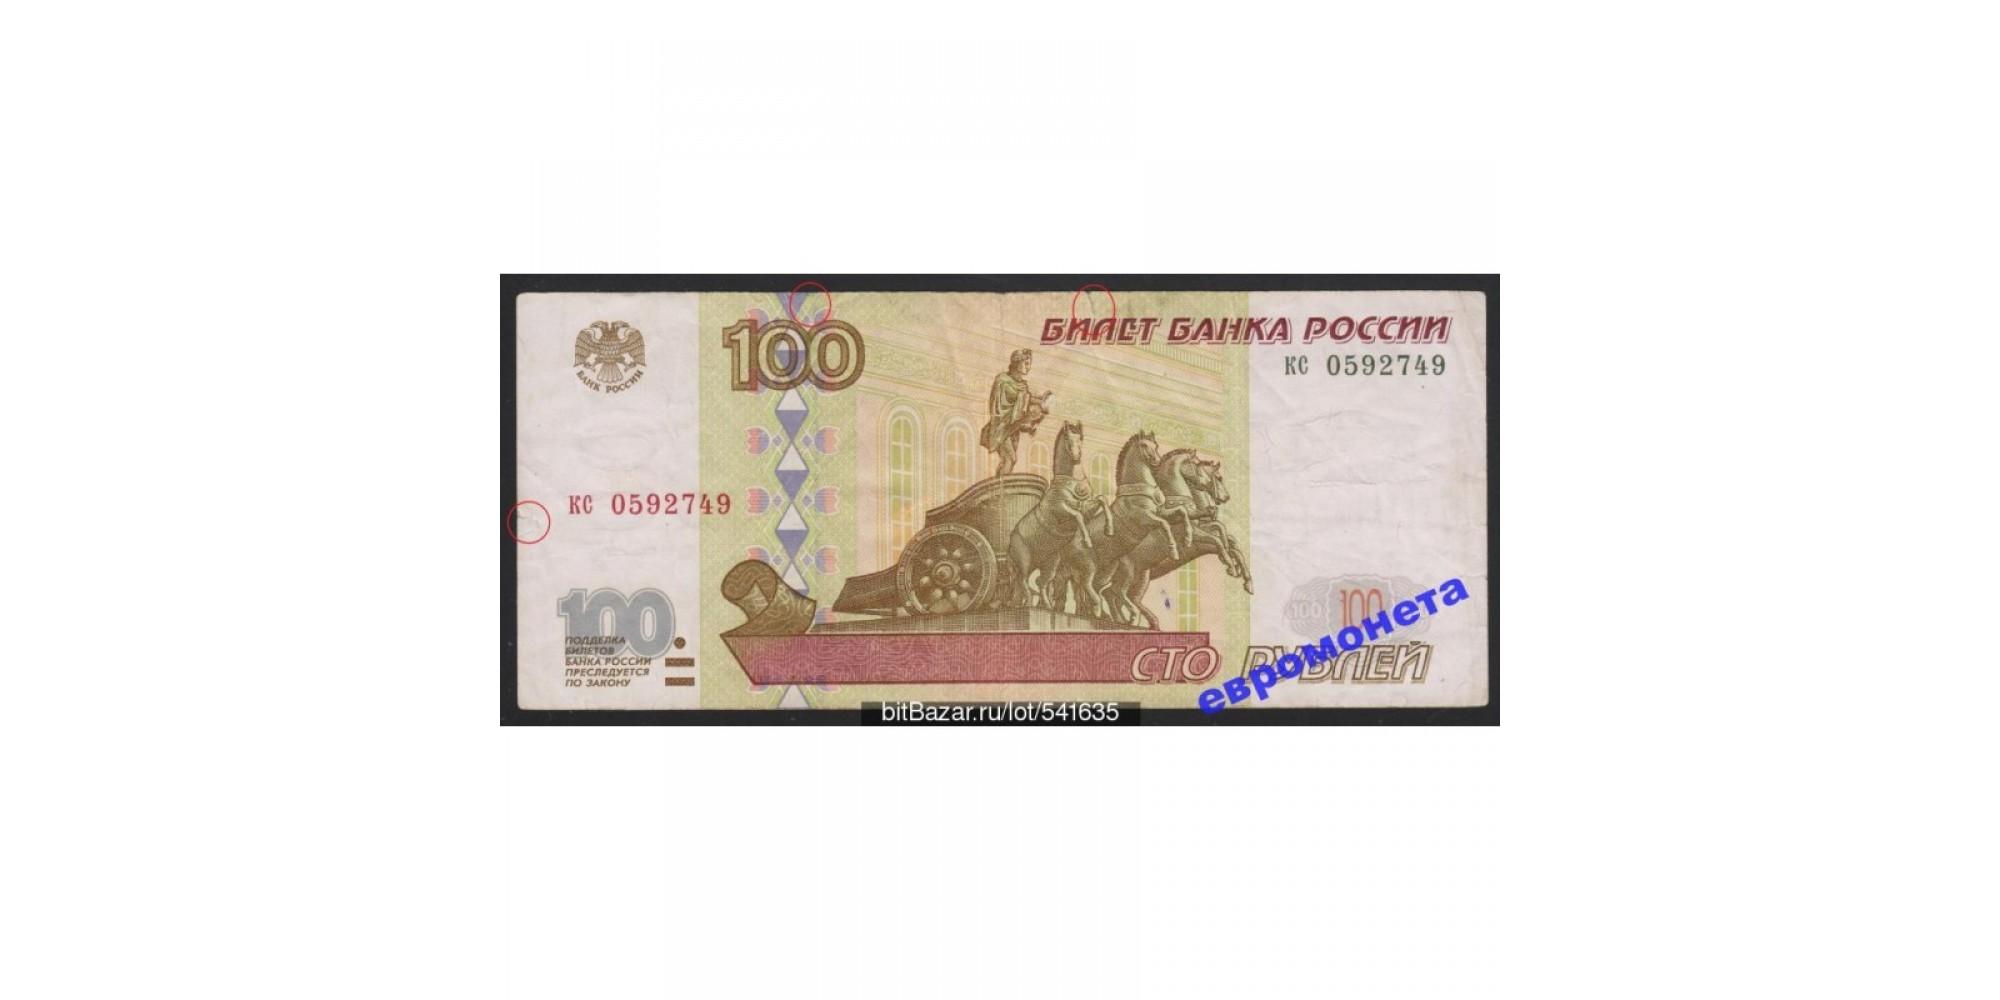 Россия 100 рублей 1997 год без модификации серия кс 0592749